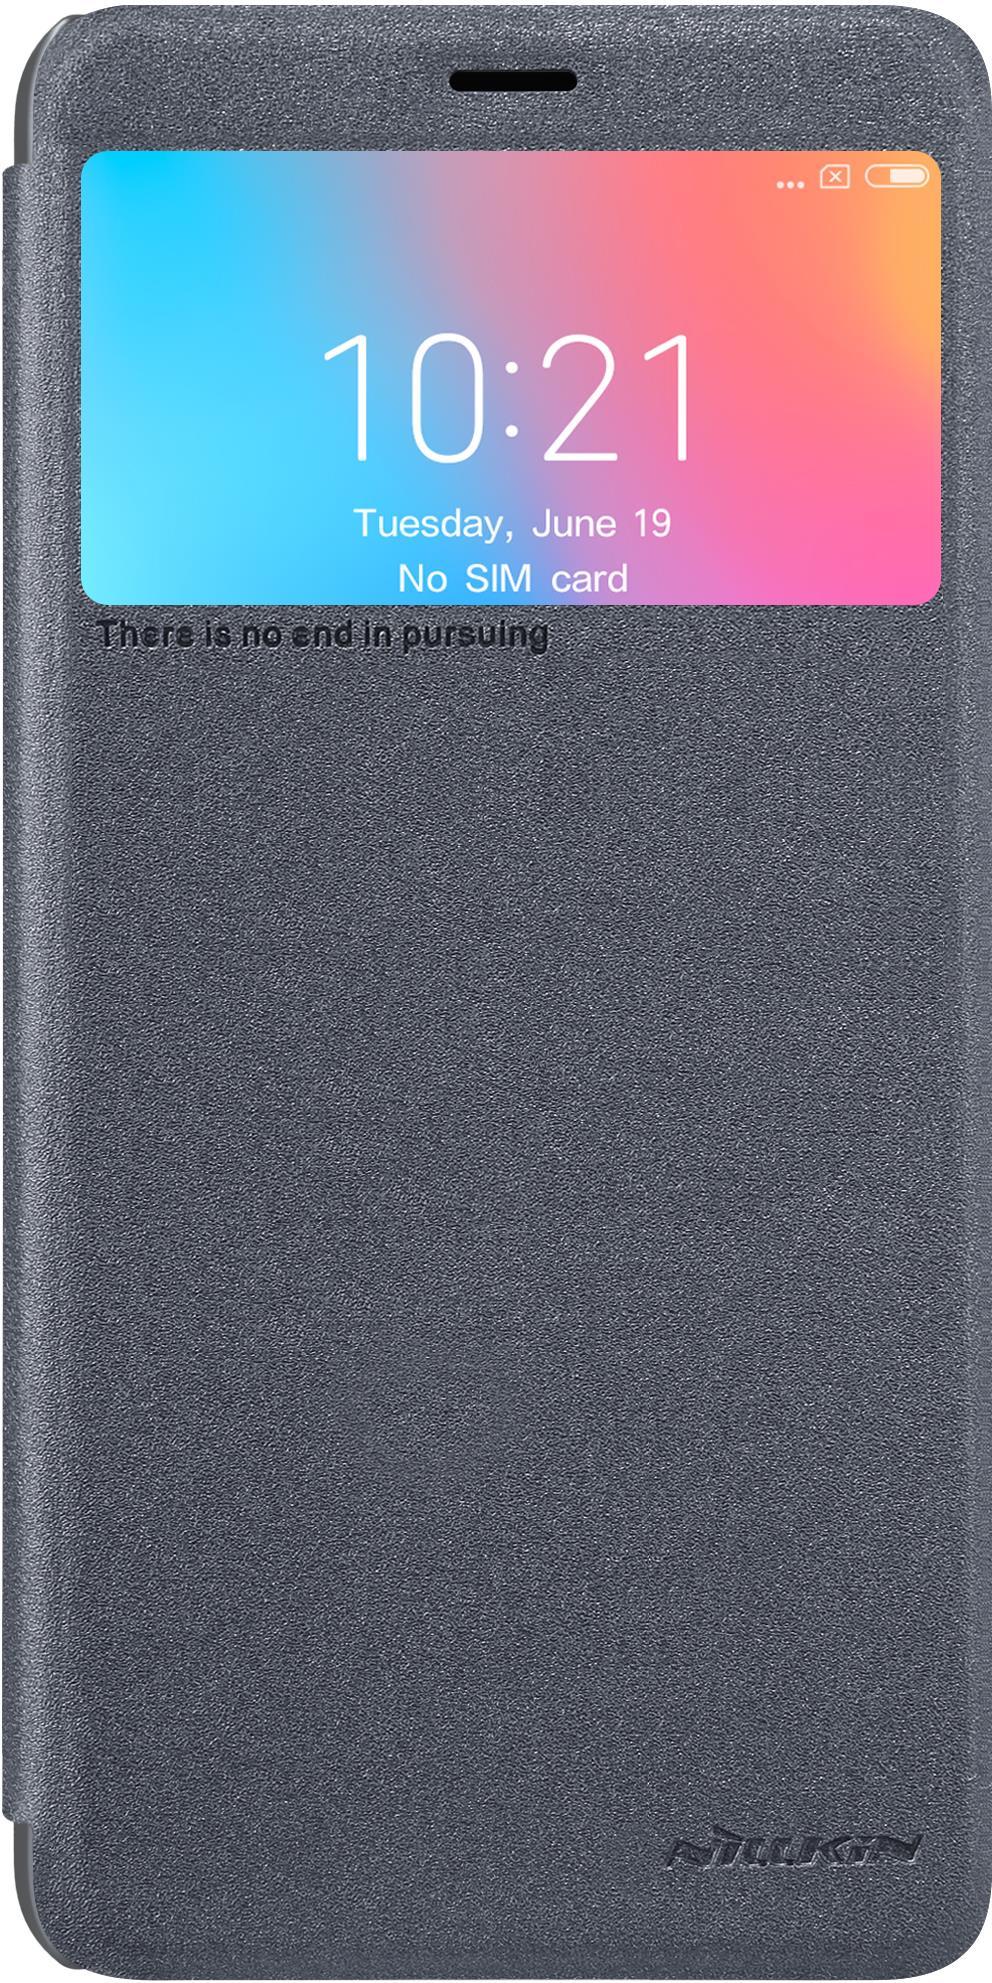 Чехол для сотового телефона Nillkin Sparkle, 6902048161092, черный чехол для xiaomi redmi 6a caseguru magnetic case синий